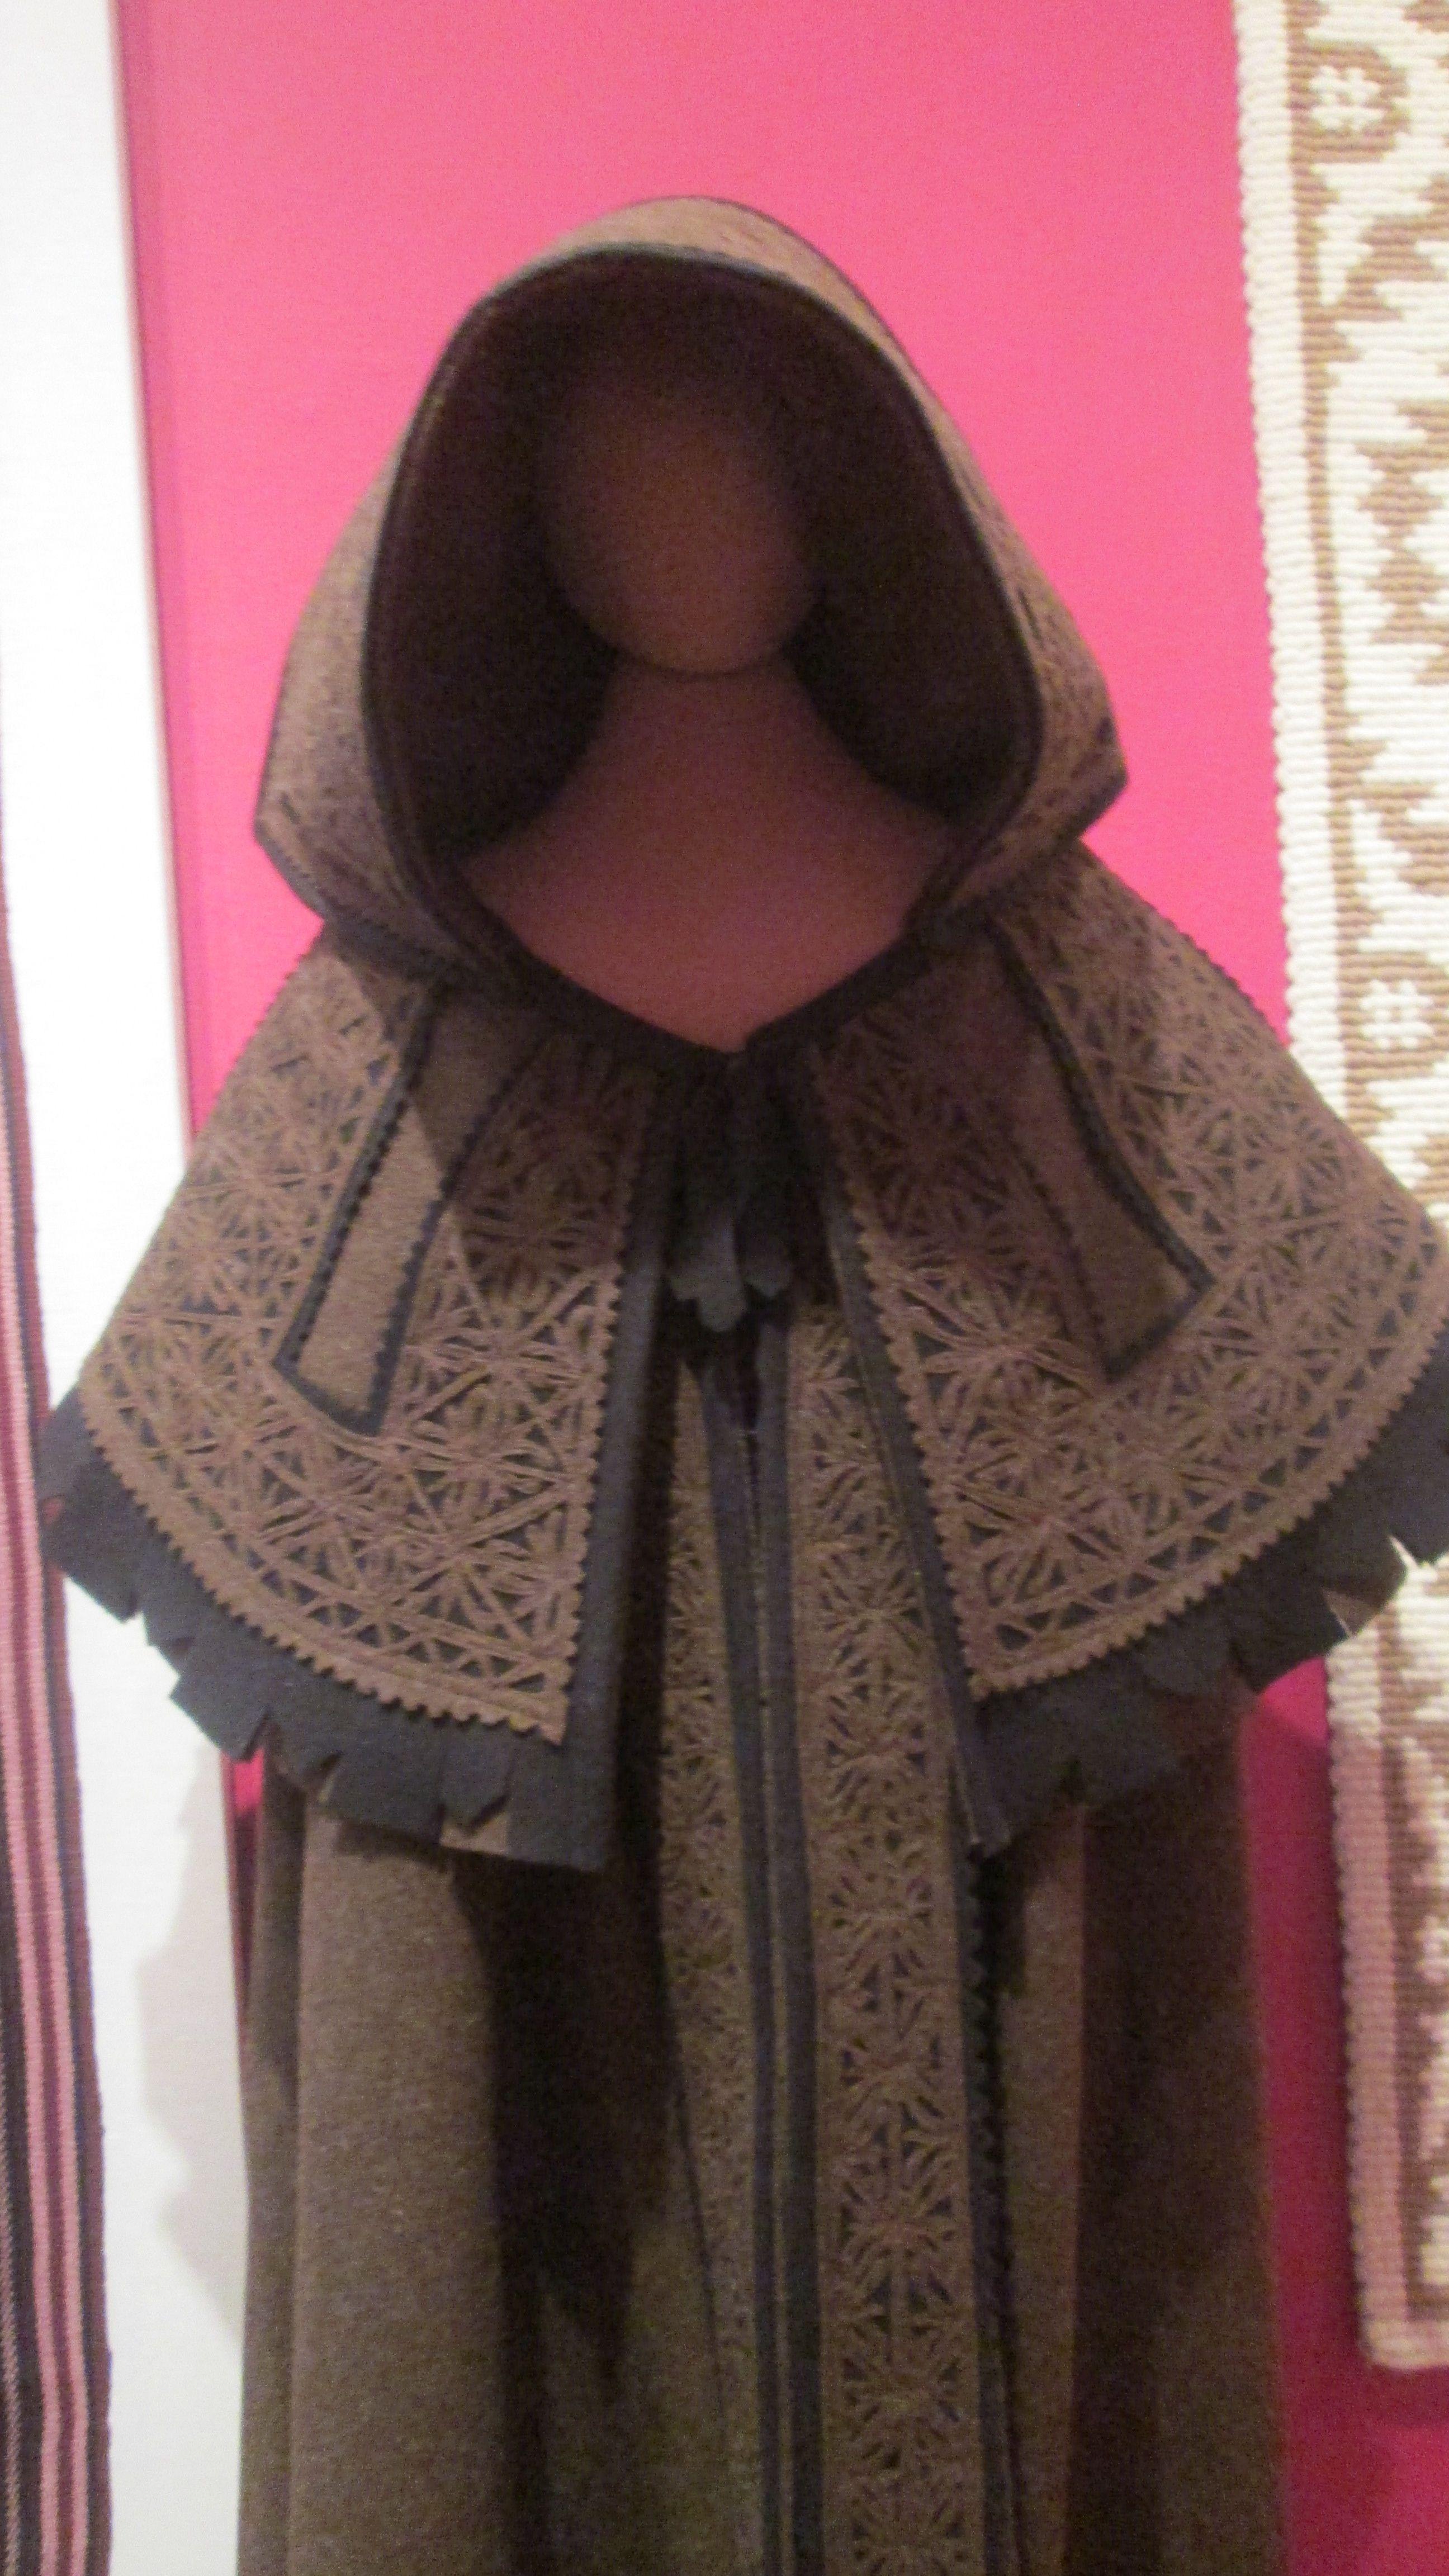 Capa de Borda,paño de lana cortado y cosido.